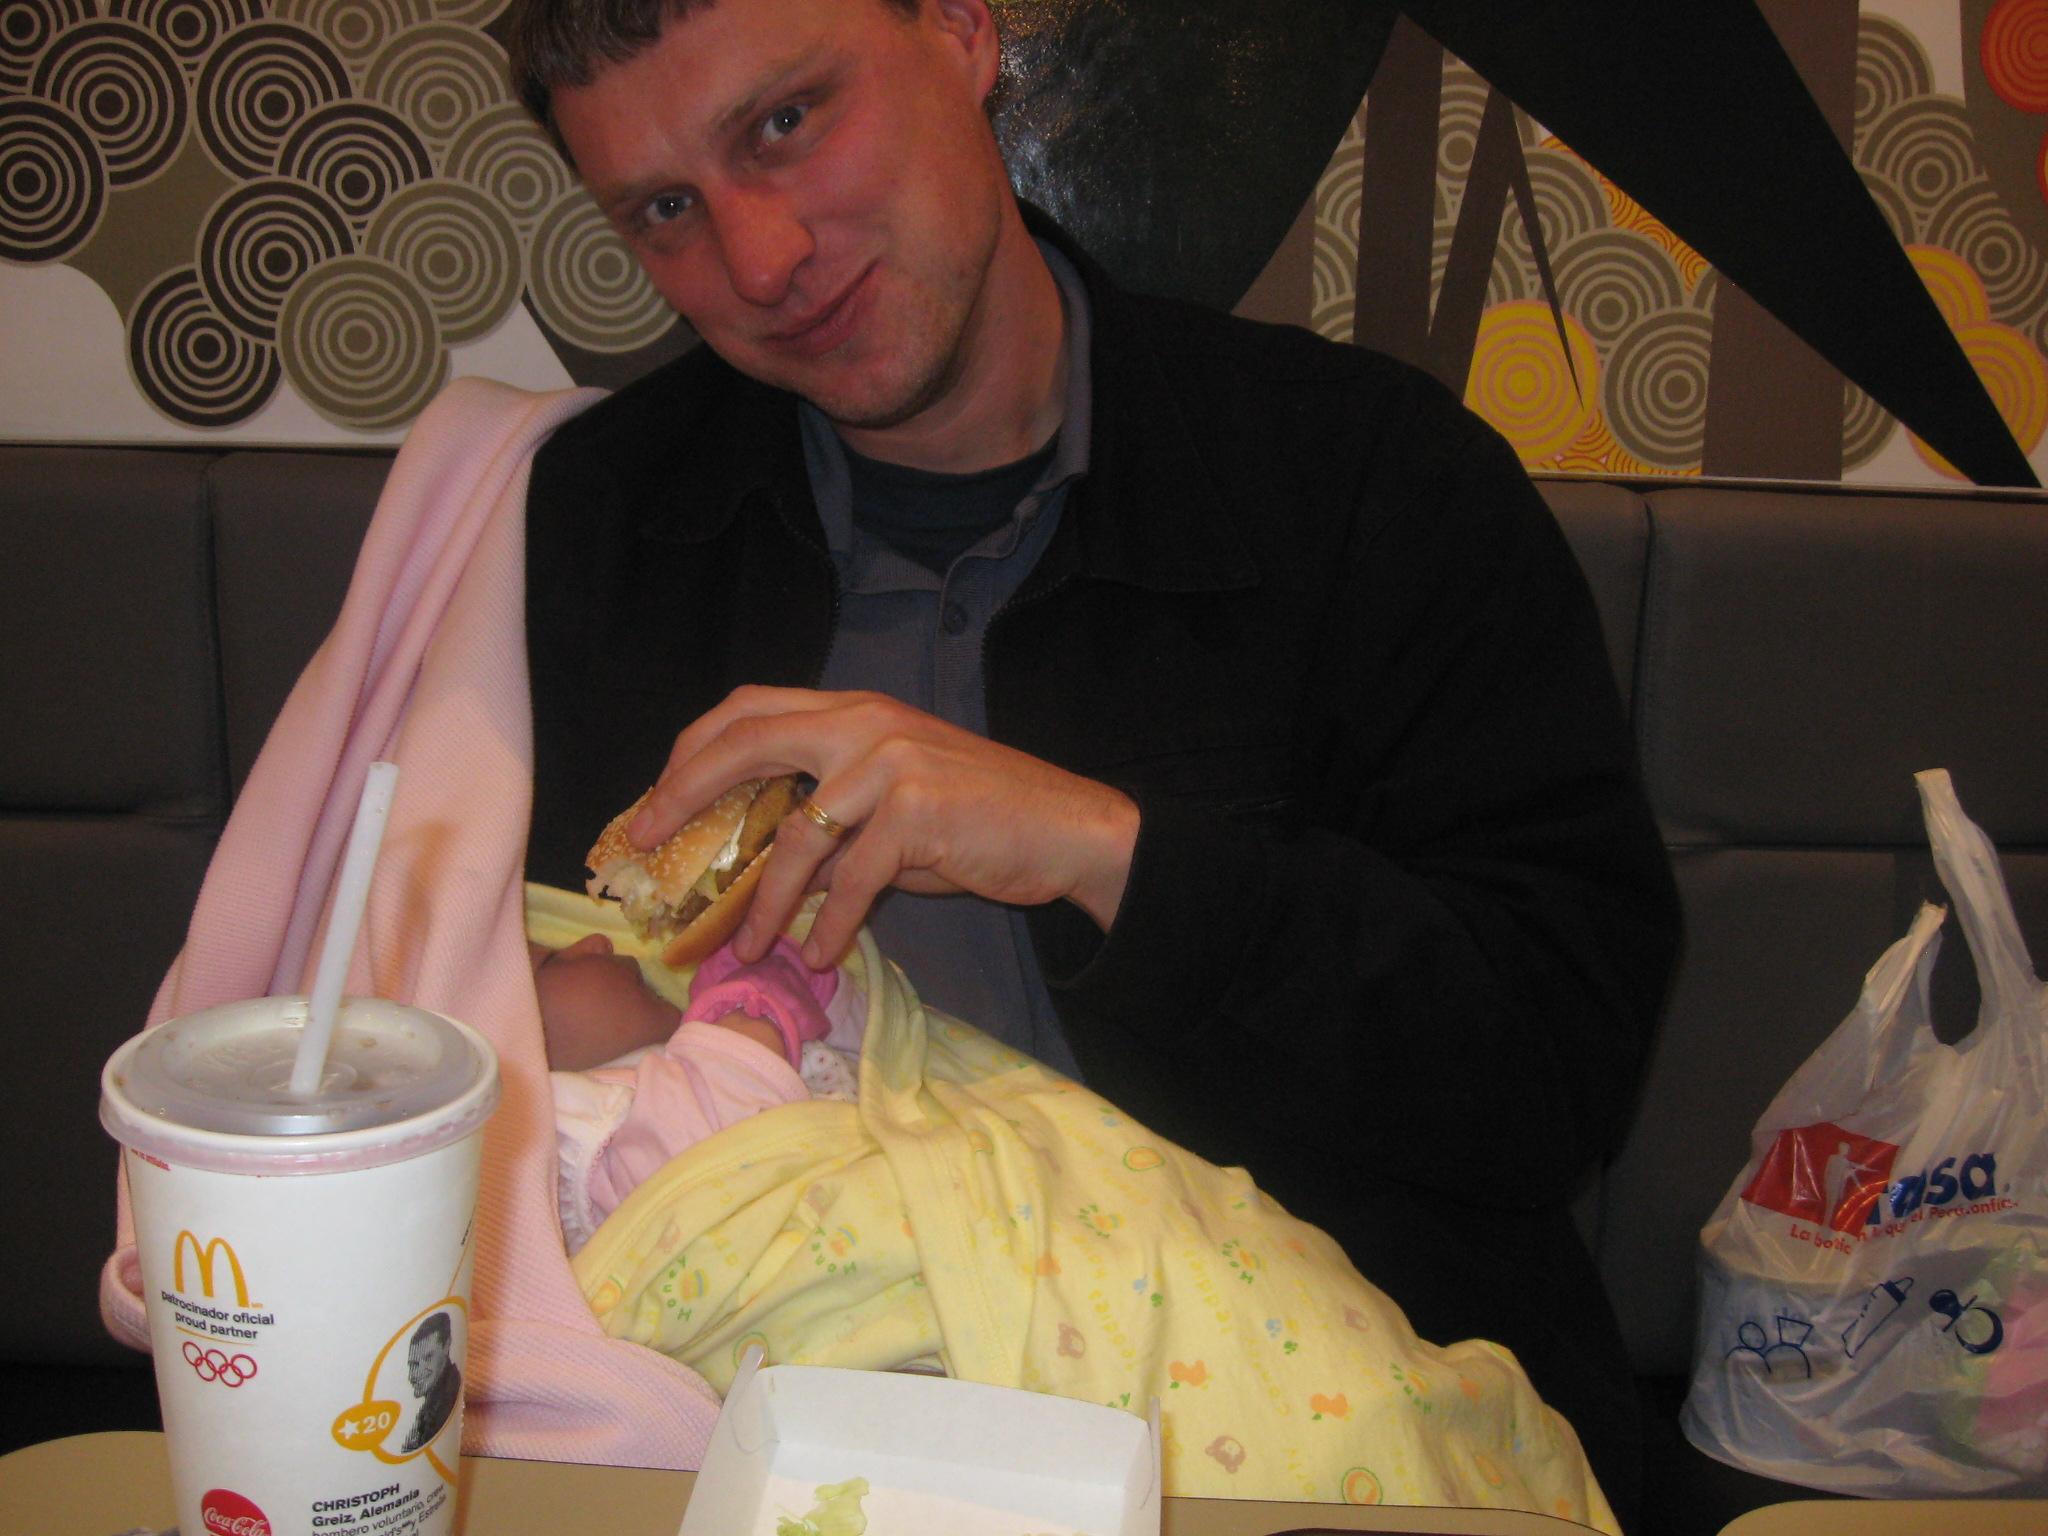 At McDonald's in Cusco